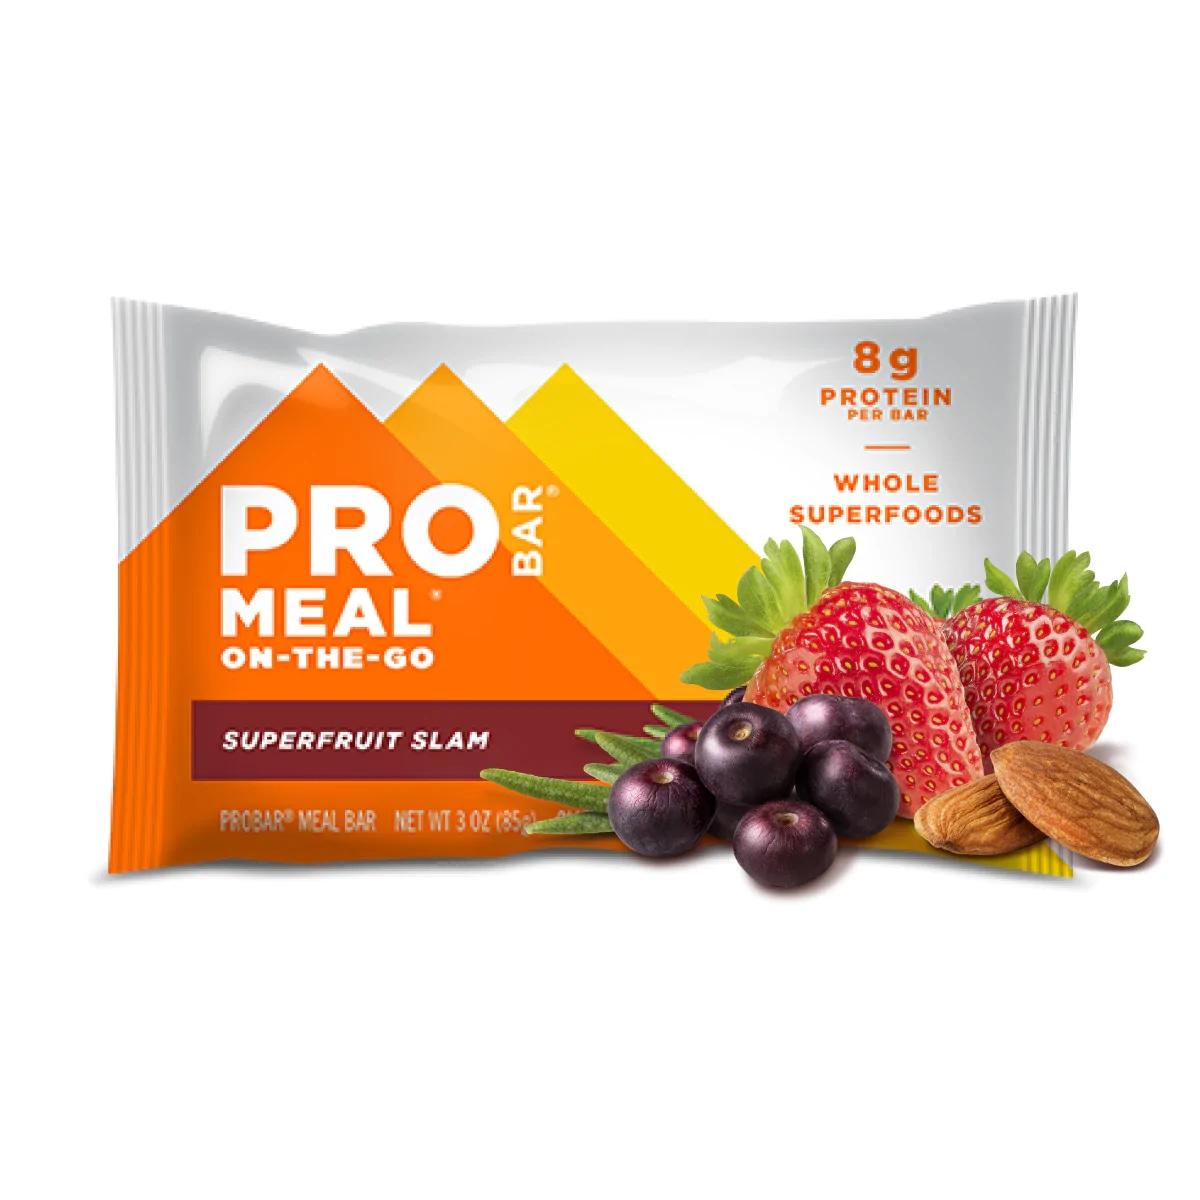 SUPERFRUIT SLAM BAR